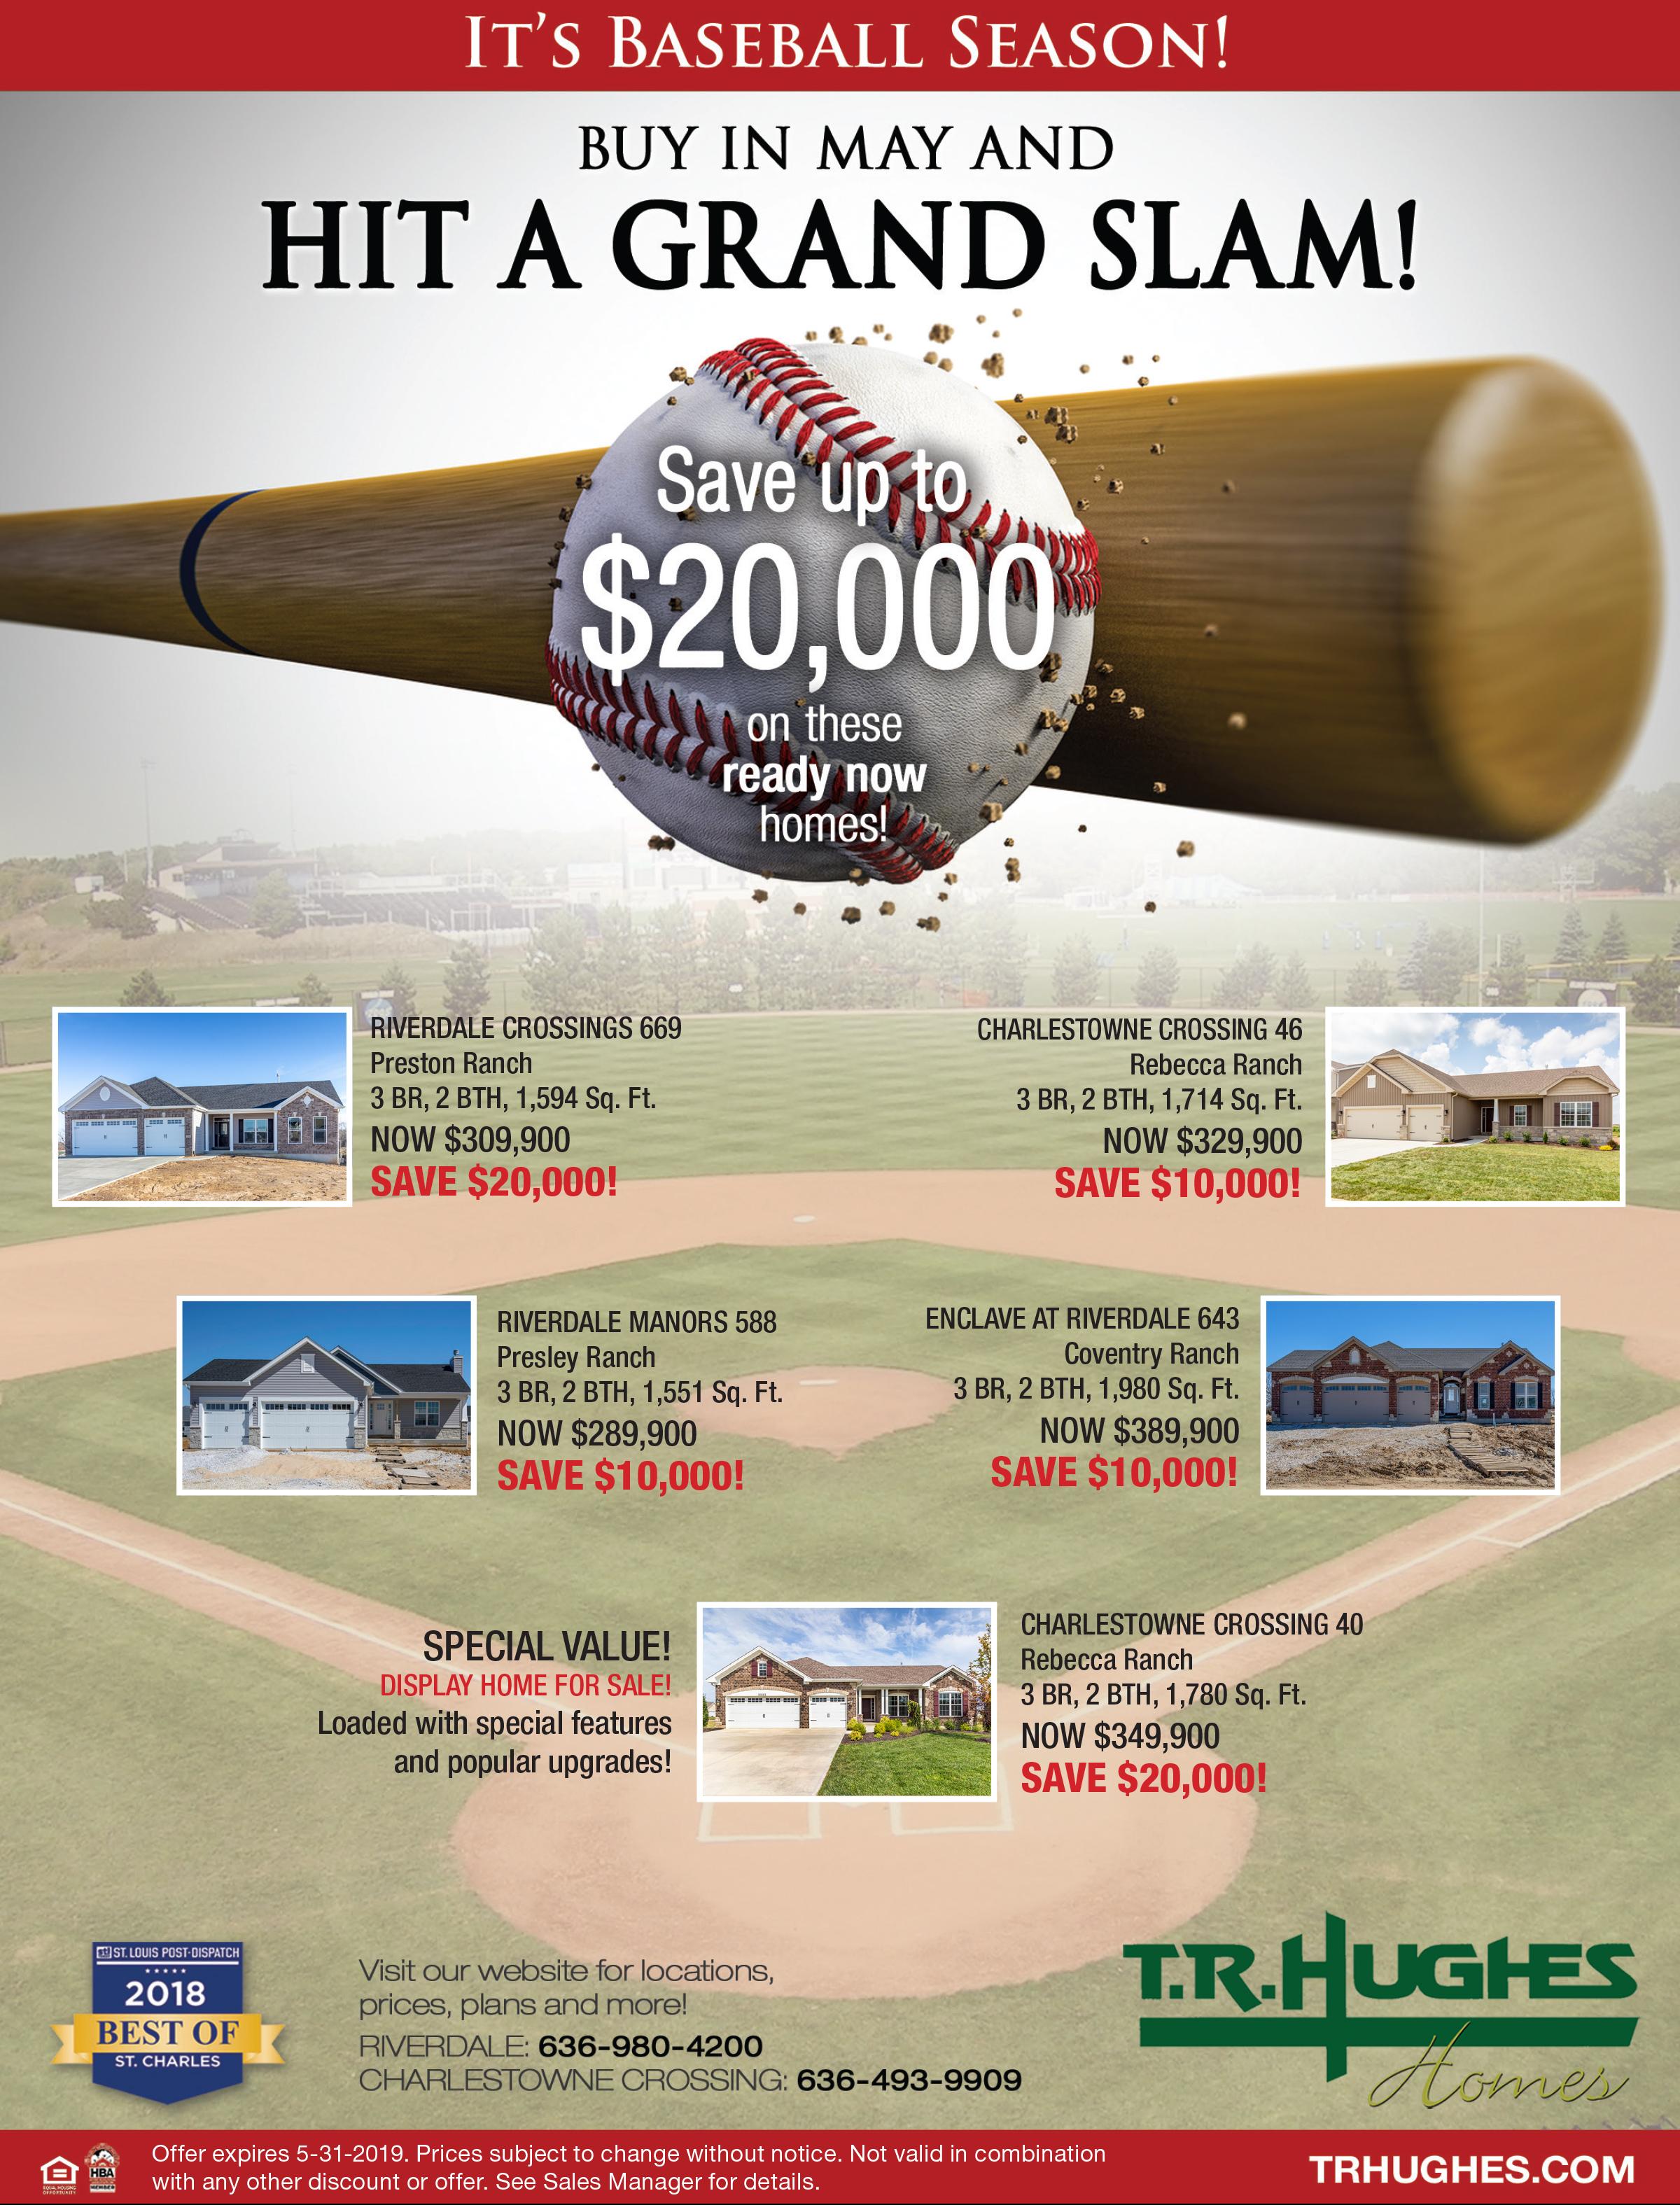 Baseball promo flyer 5-2019.jpg